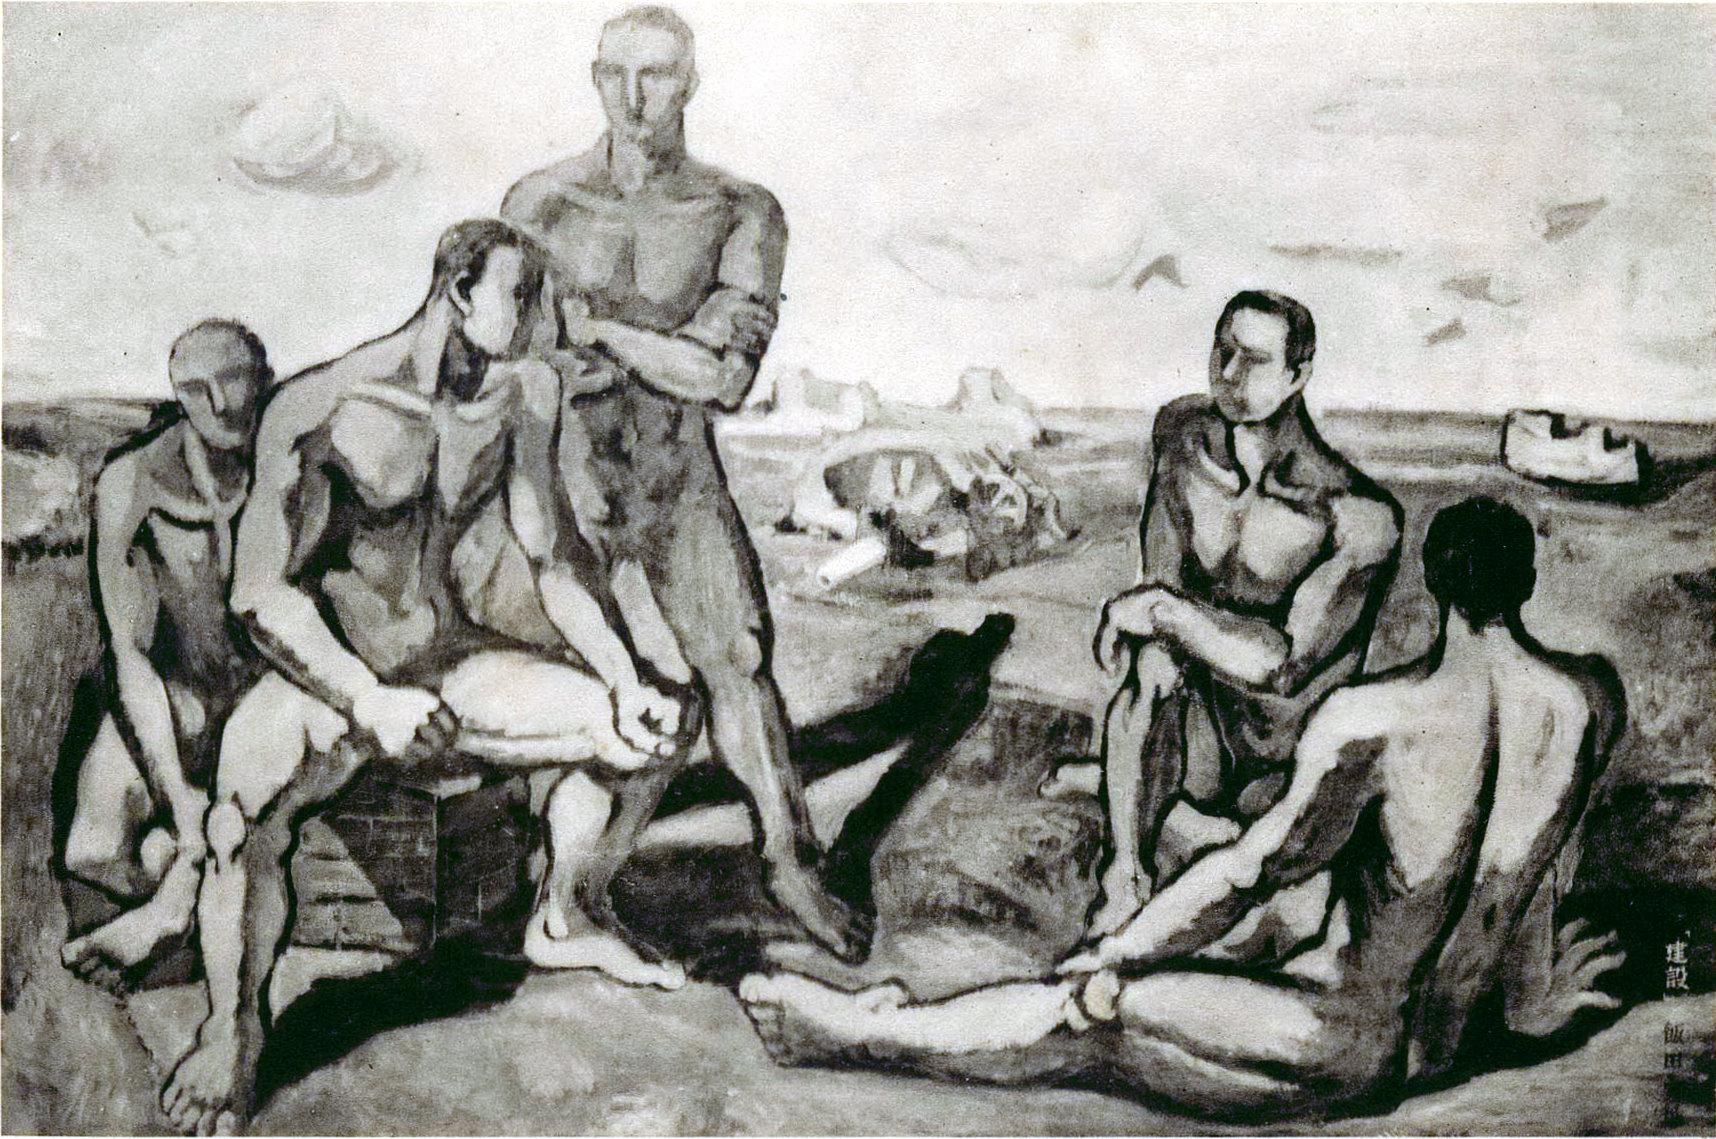 【名單之後】戰爭.繪畫.理念──飯田實雄與「聖戰美術」